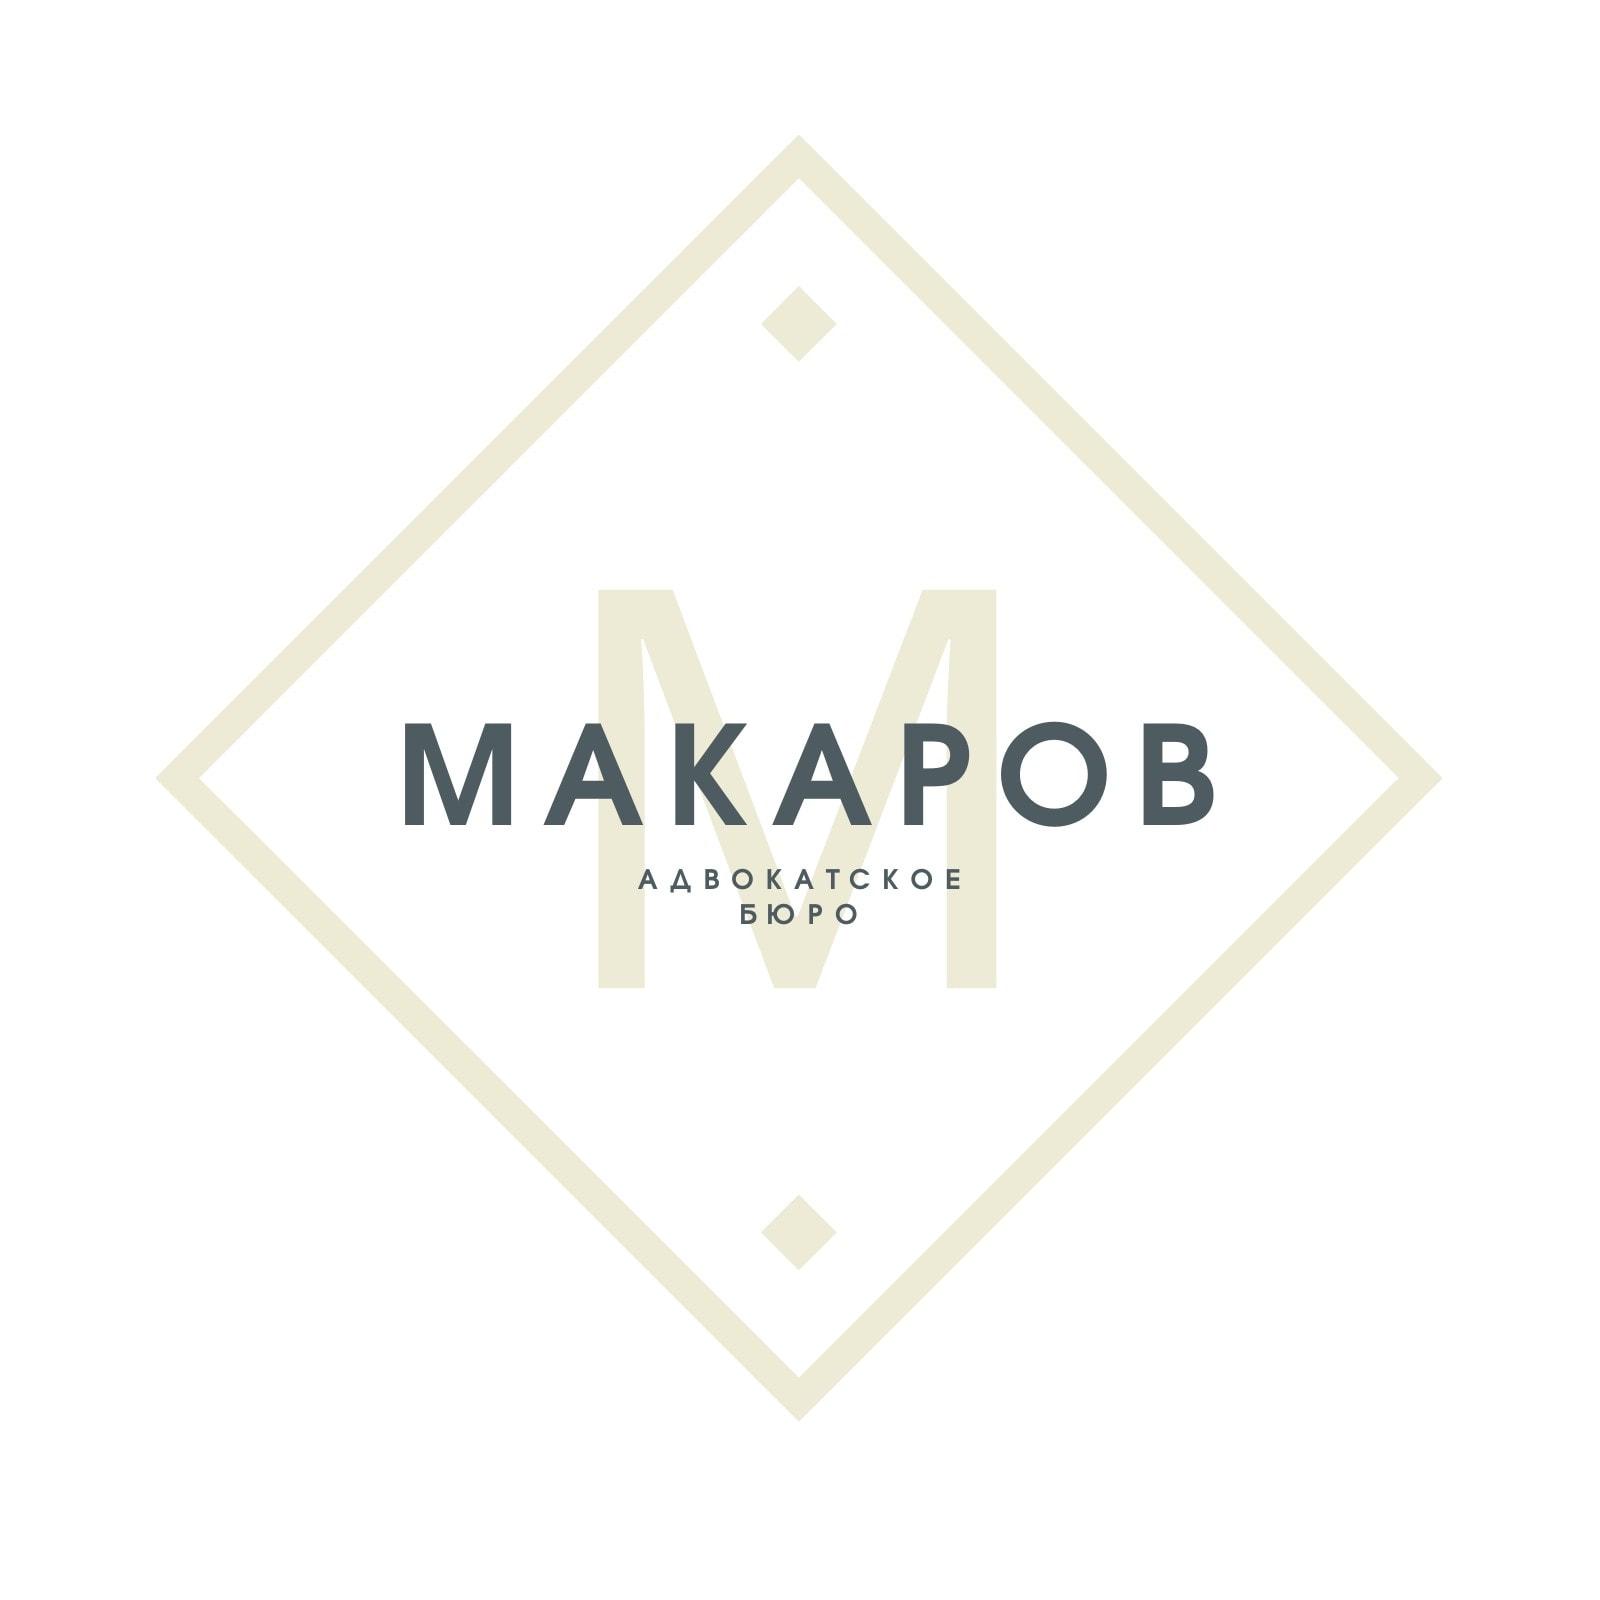 Бриллиант Адвокат Логотип